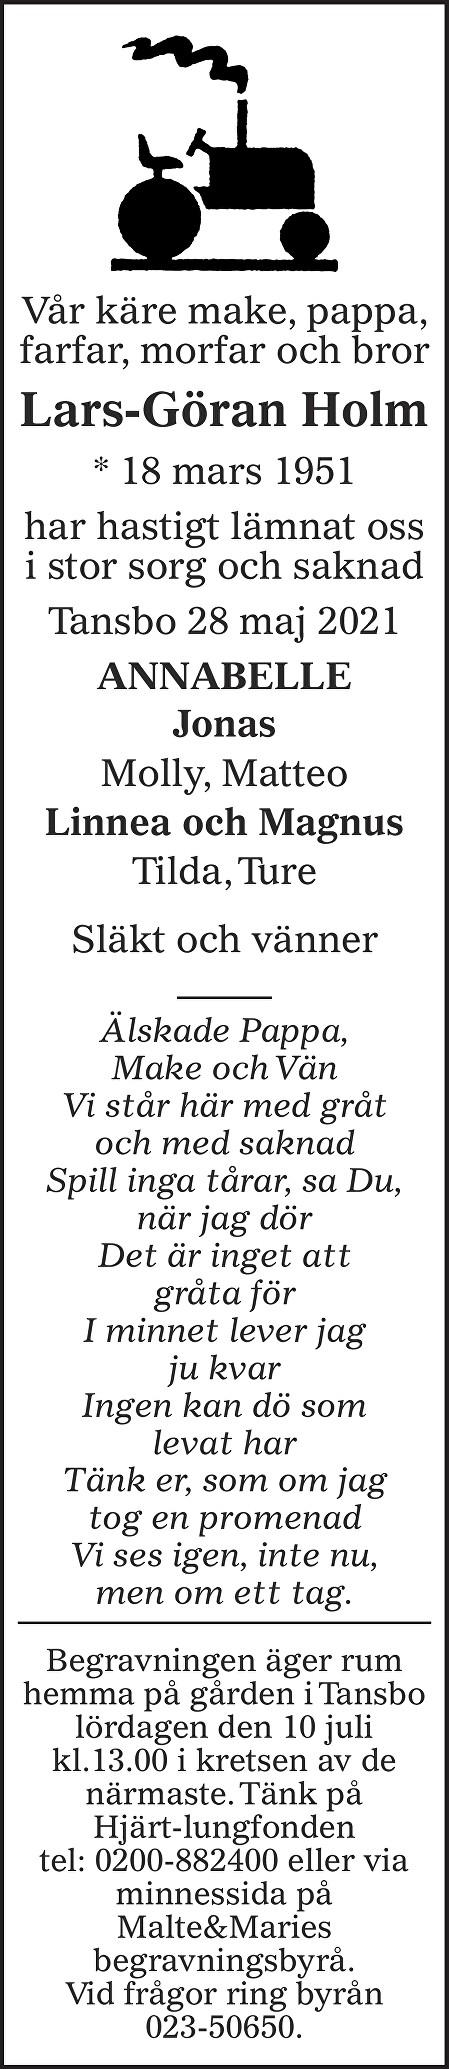 Lars-Göran Holm Death notice